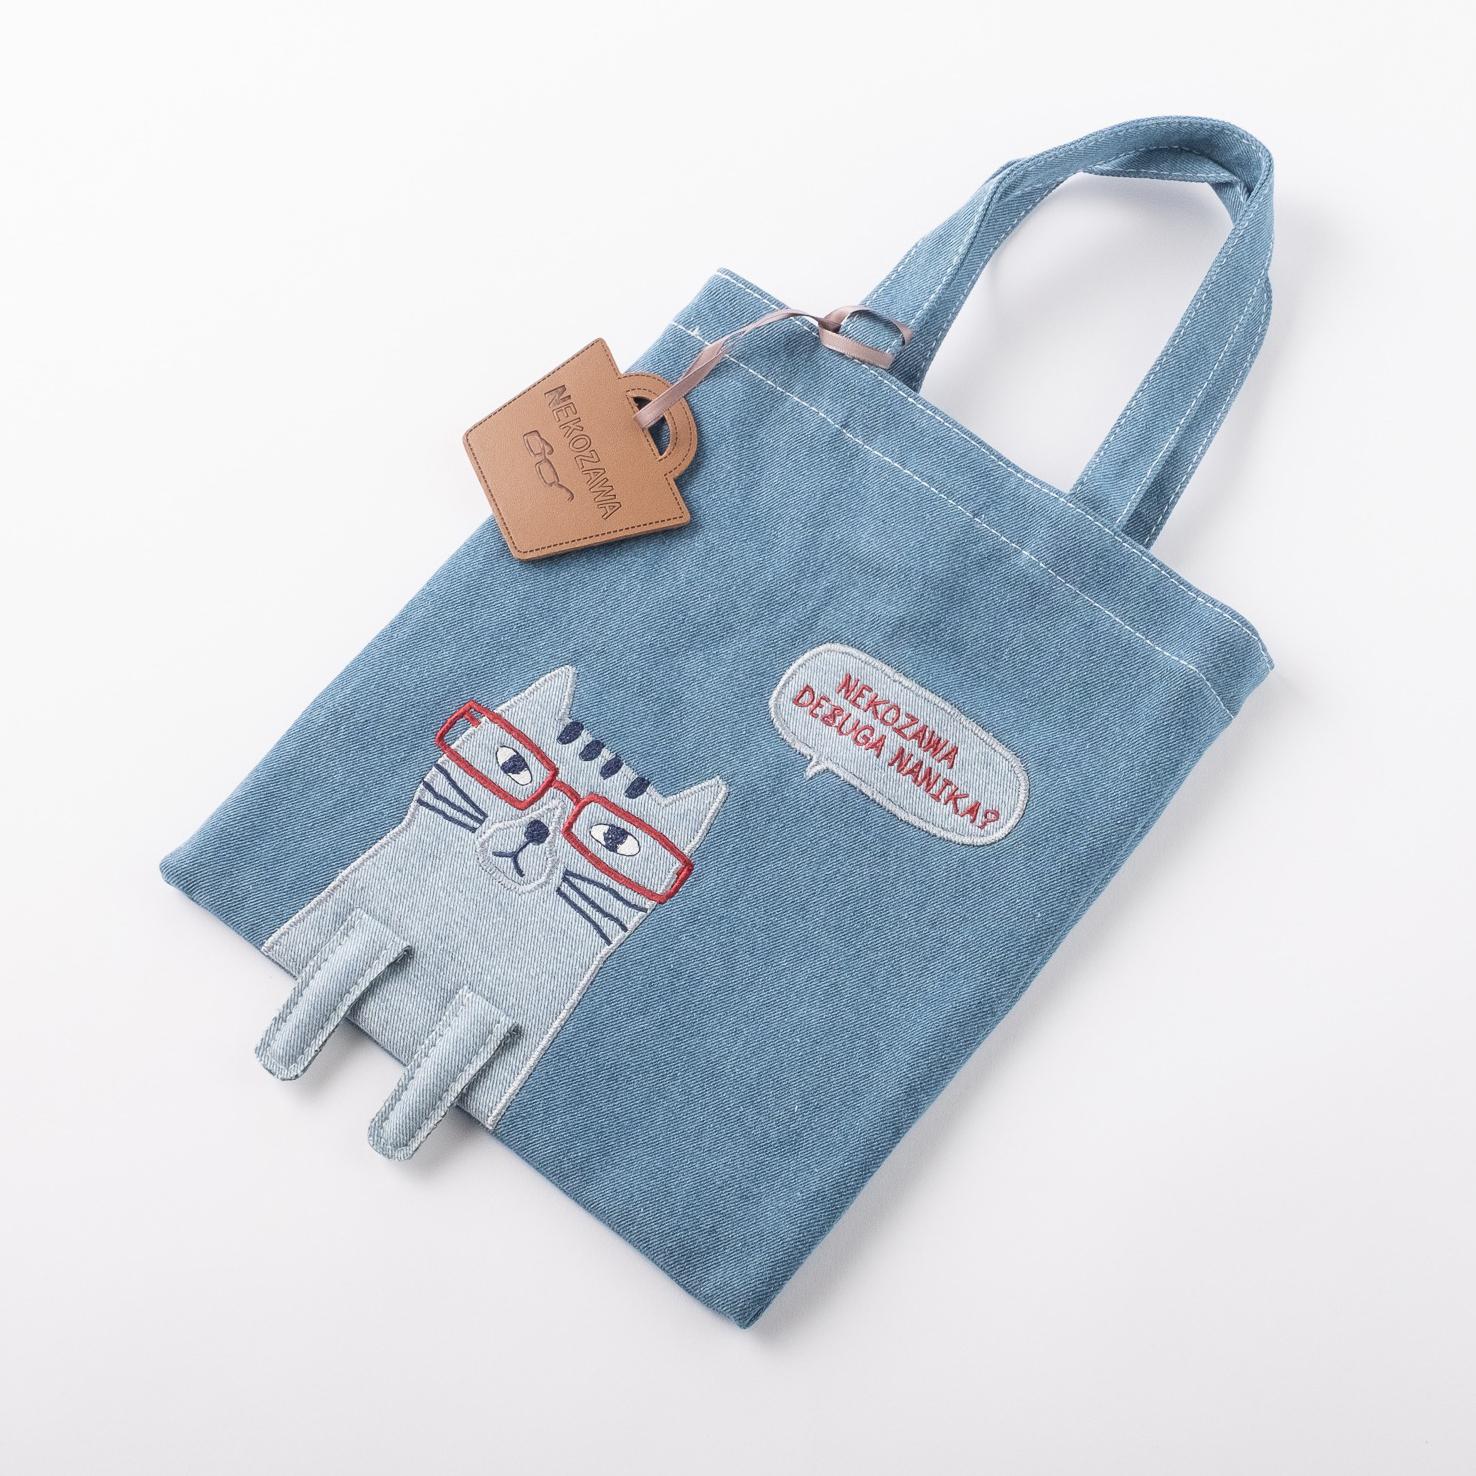 デニム手さげトートバッグ 「ネコまるけデニム手さげトートバッグ アオ」